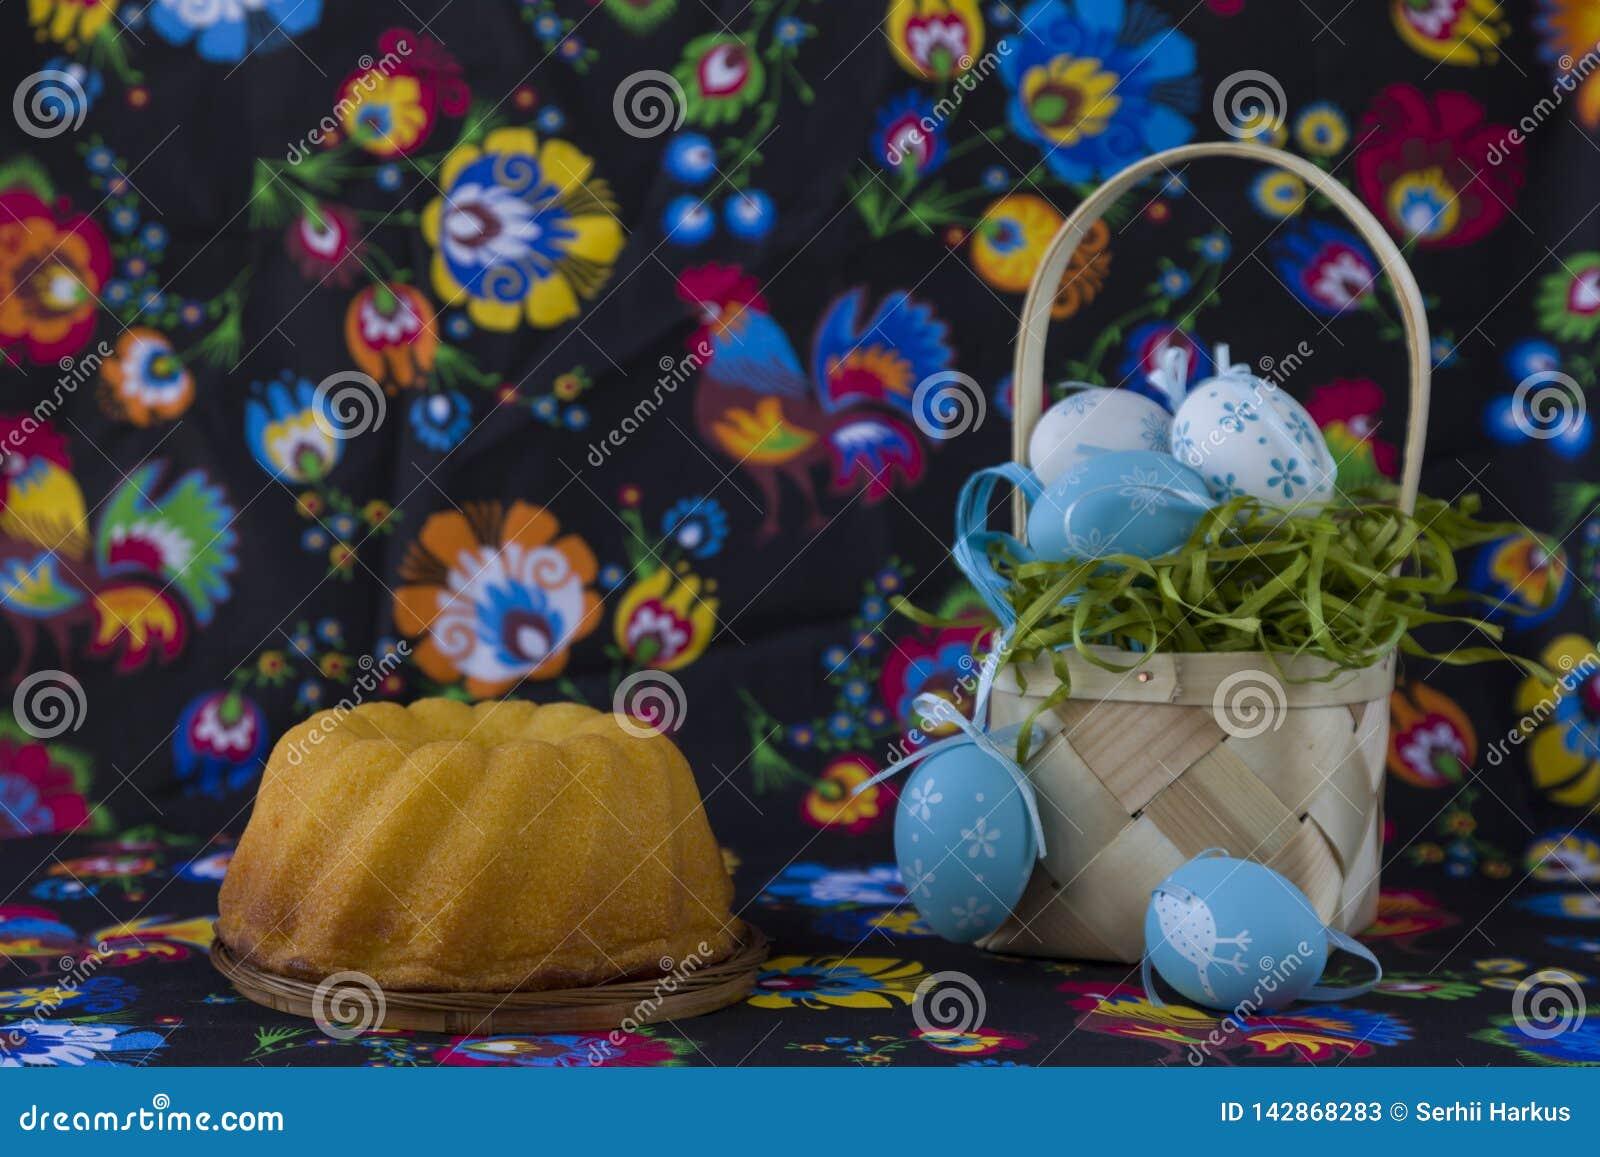 Folk stileaster garnering med vita och blåa ägg på målad textilbakgrund